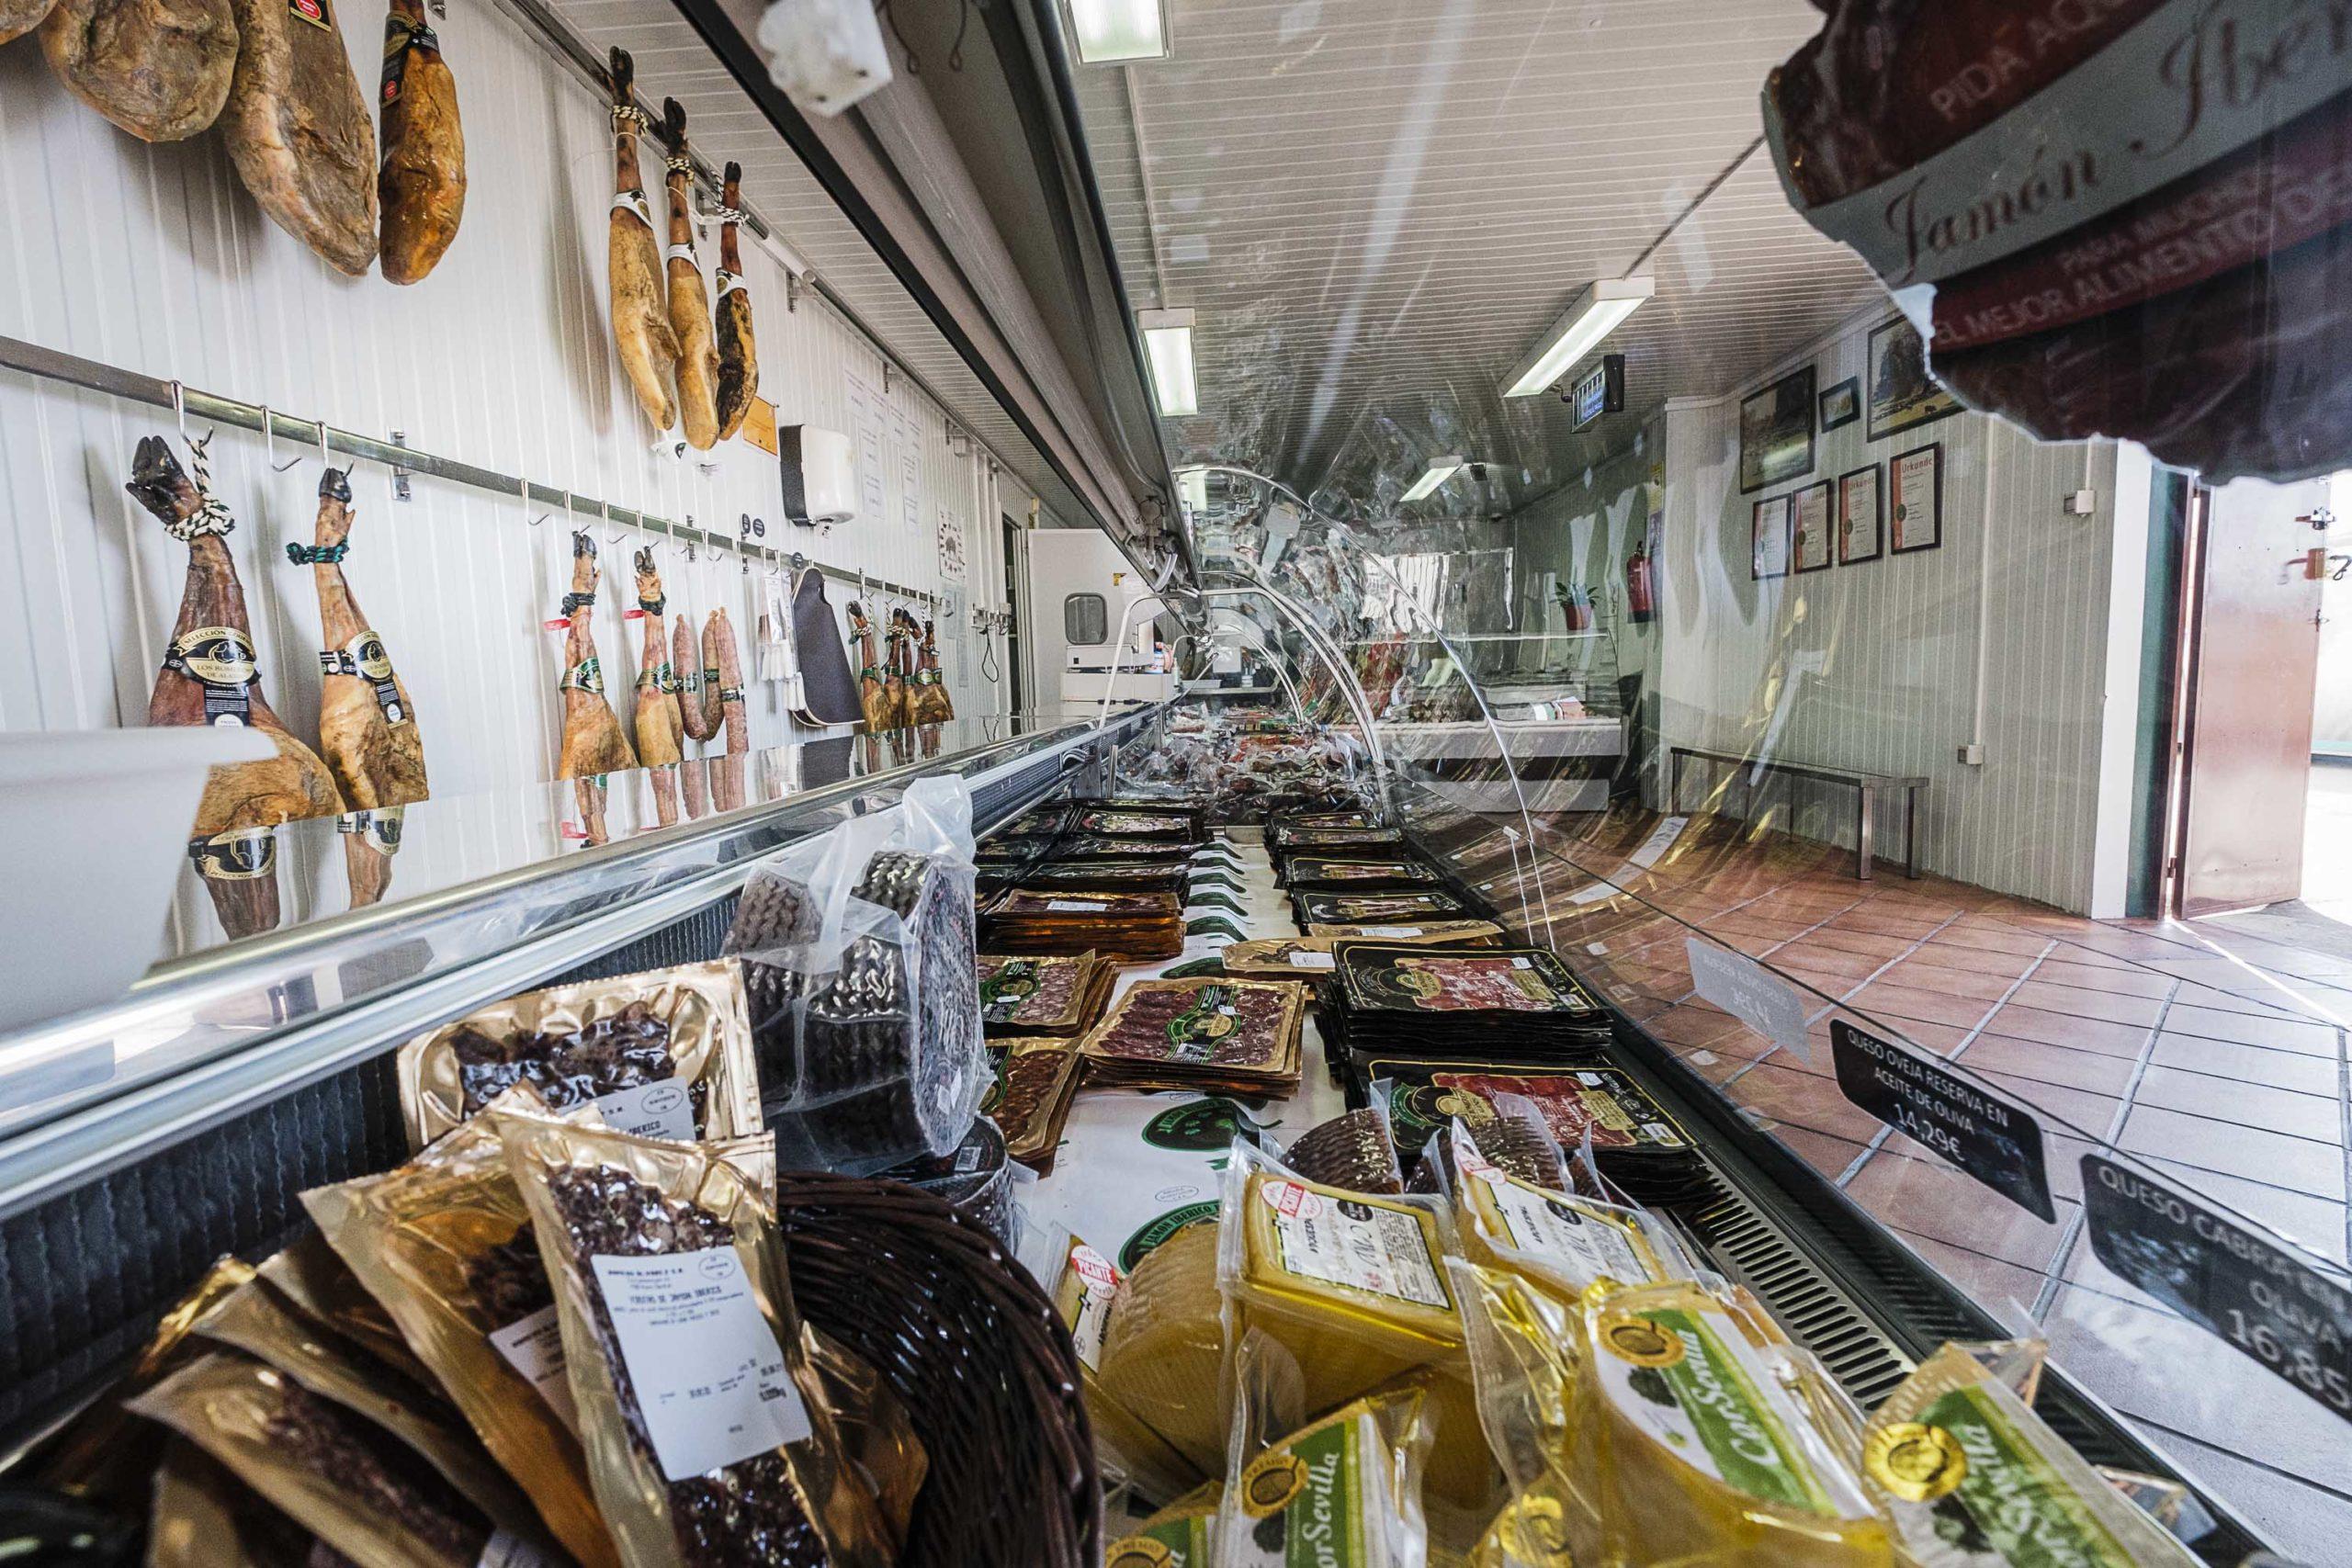 tienda de productos ibéricos los romeros de alanis